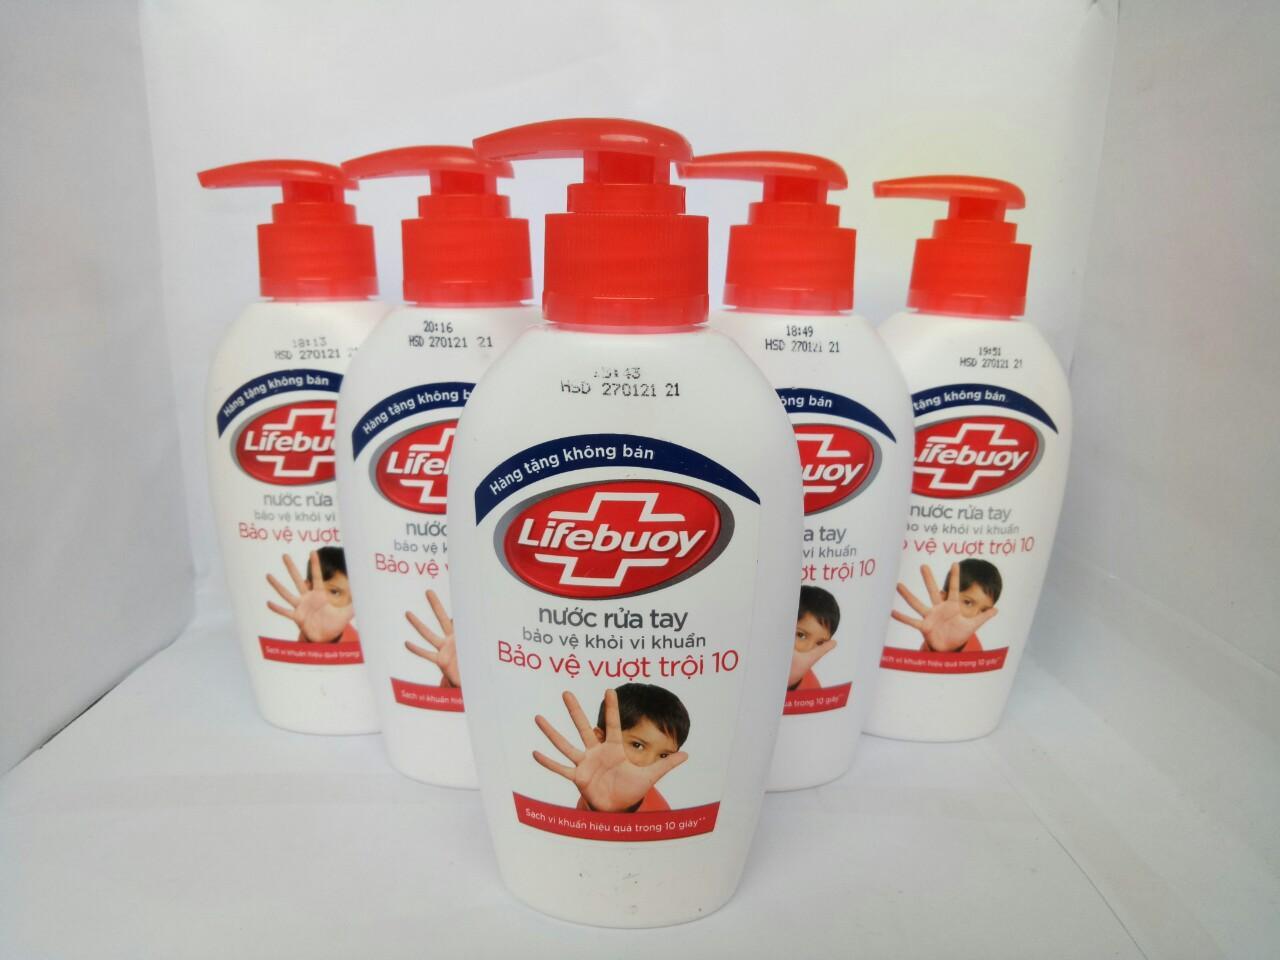 Combo 5 chai Nước Rửa Tay Lifebuoy Bảo Vệ Vượt Trội120g (hàng tặng) + tặng 1 túi đựng mỹ phẩm